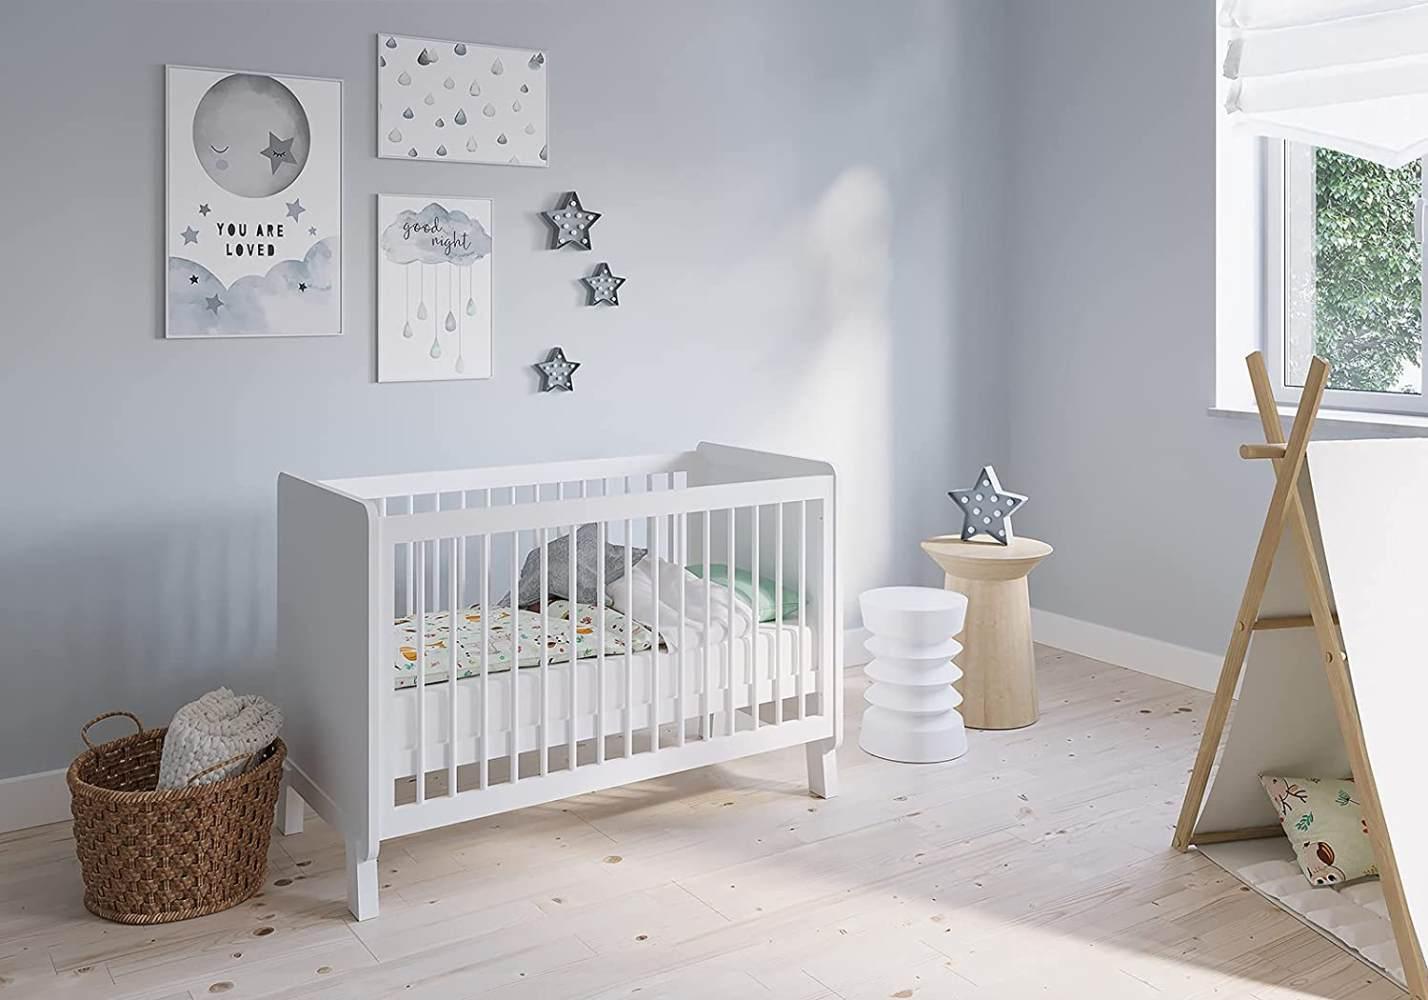 FabiMax 'Nachteule' Kinderbett, 60 x 120 cm, weiß, Kiefer massiv, 3-fach höhenverstellbar, umbaubar, mit Matratze Comfort Bild 1